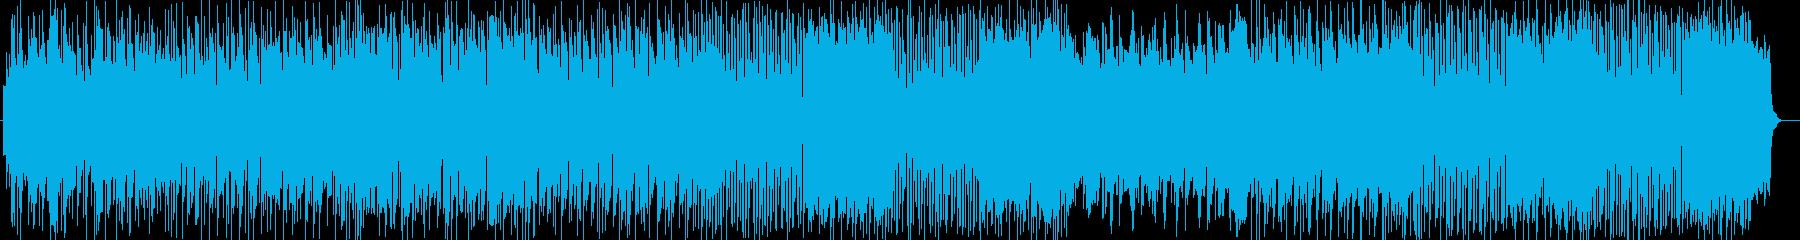 ほのぼの系シンセサイザーサウンドの再生済みの波形